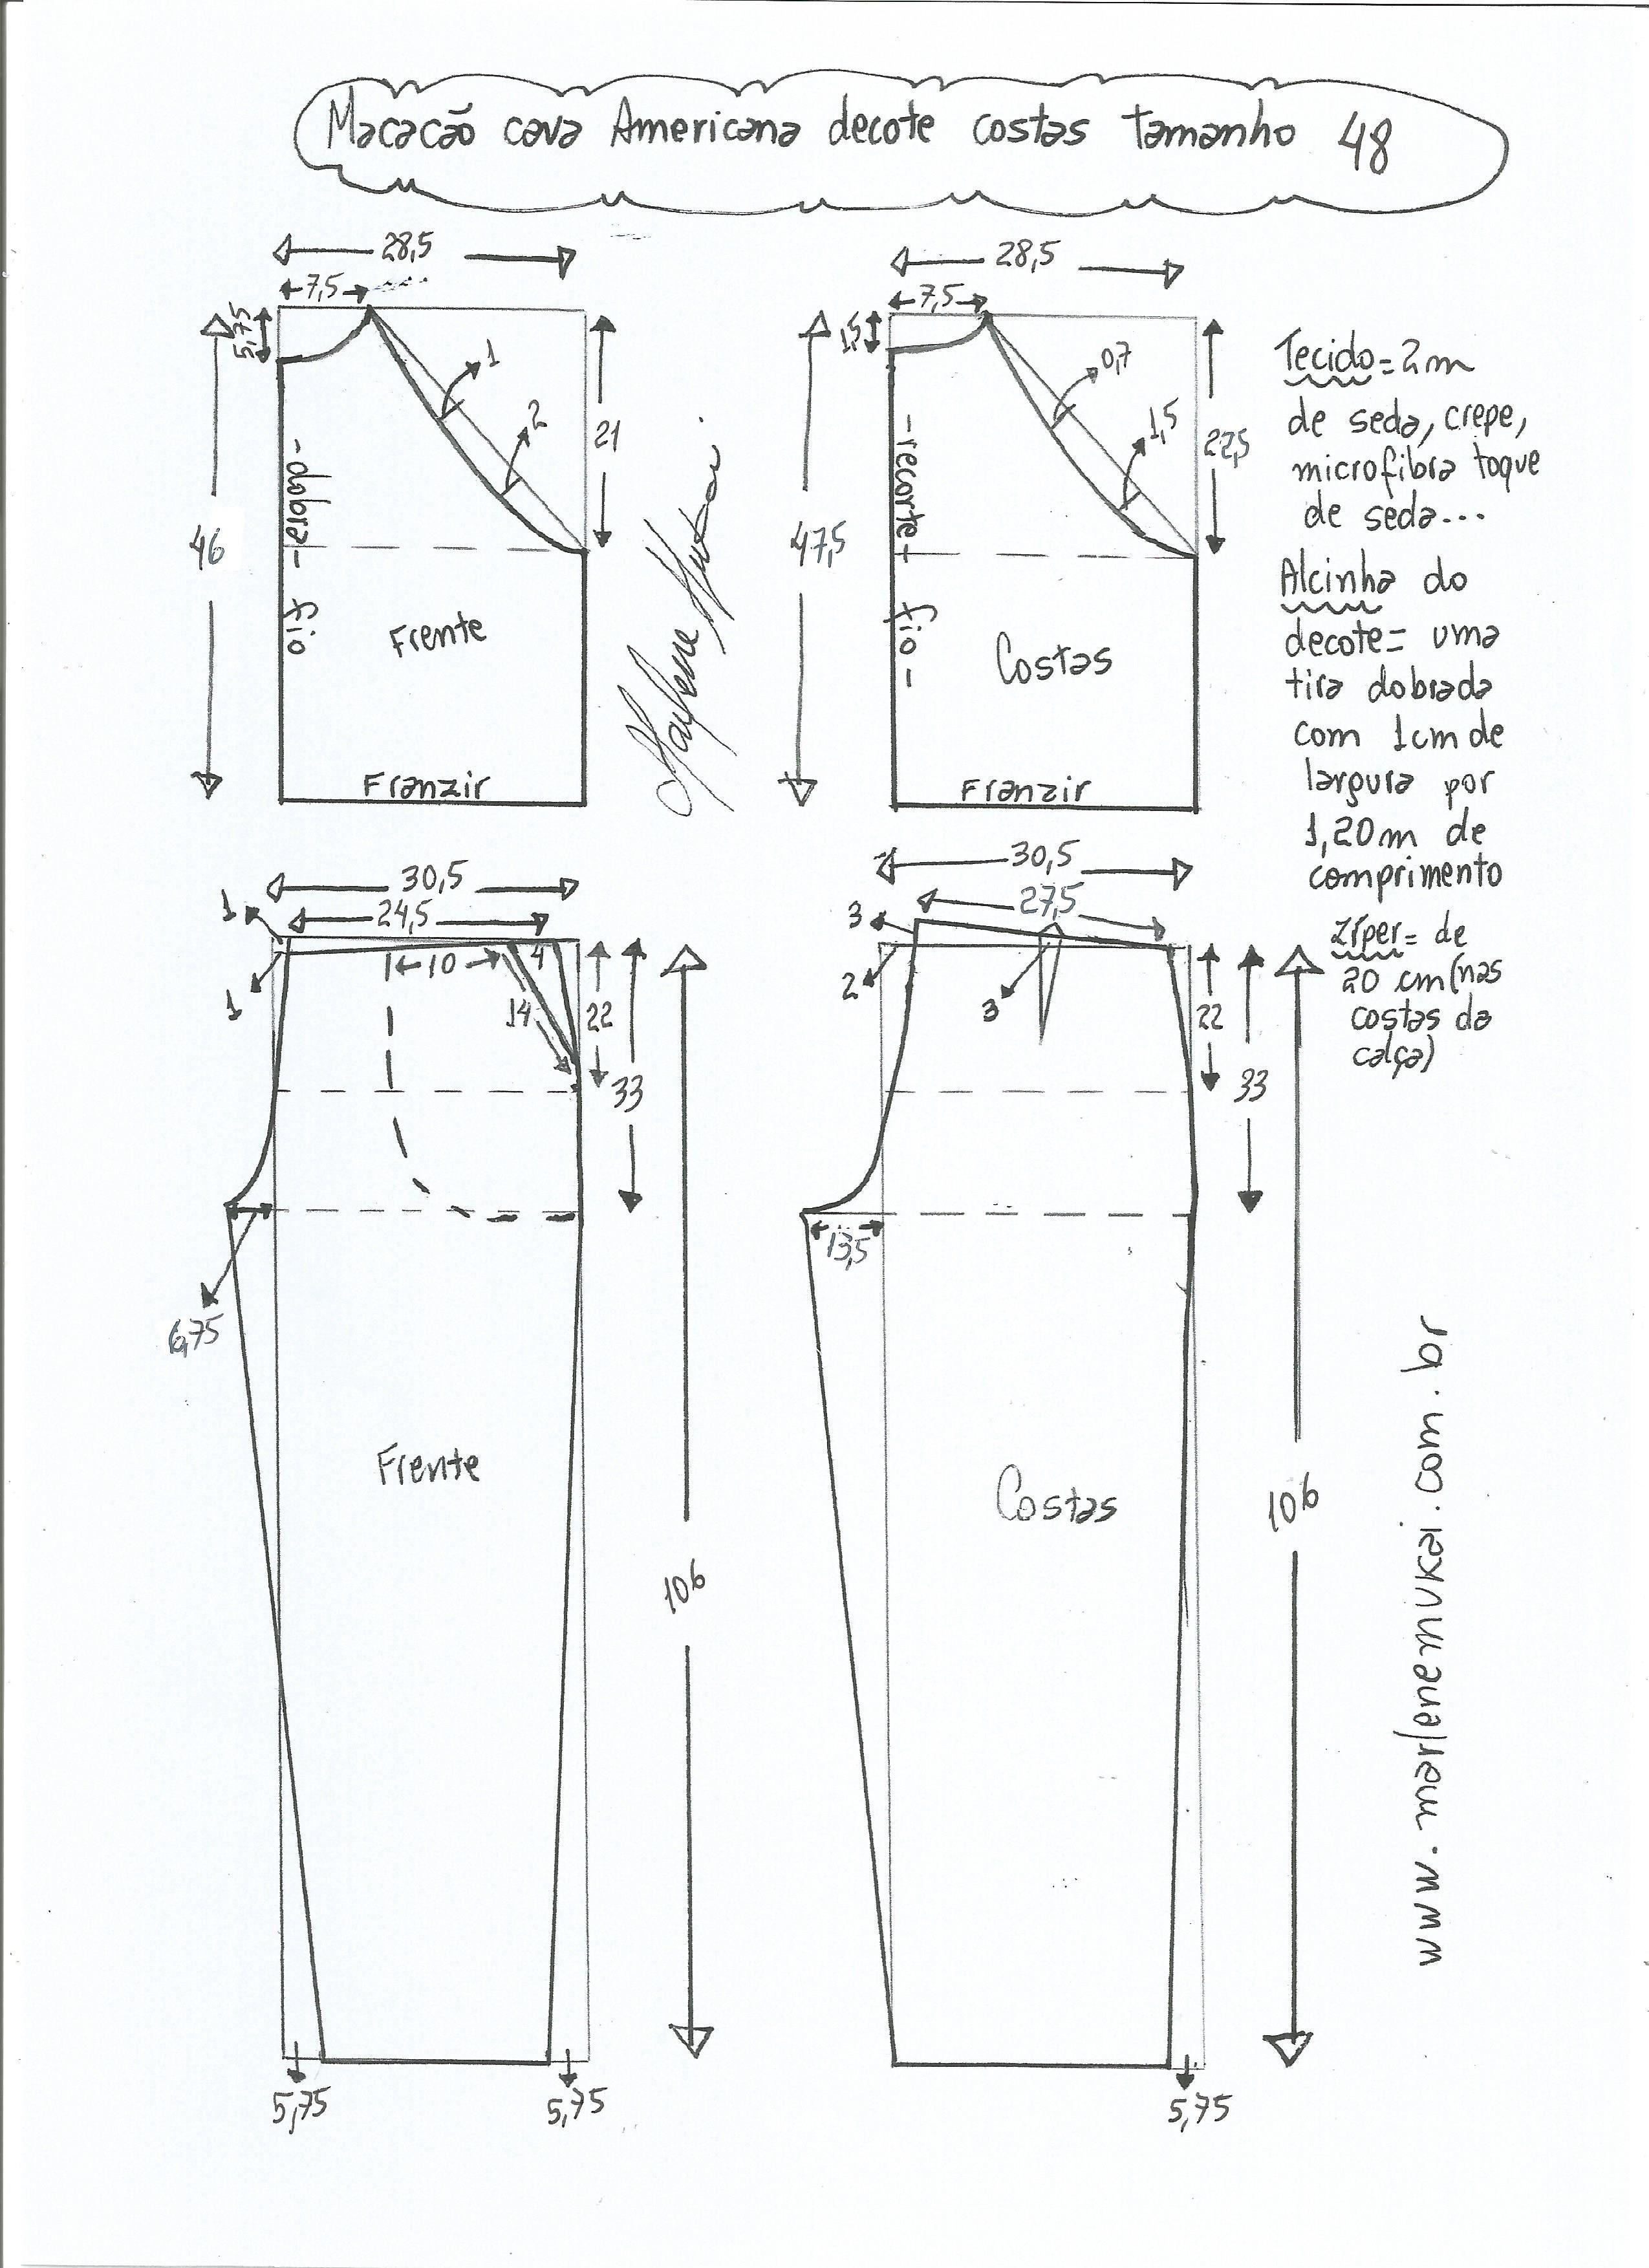 Pin de Elizabeth Aguilar en Costura básica | Pinterest | Costura ...